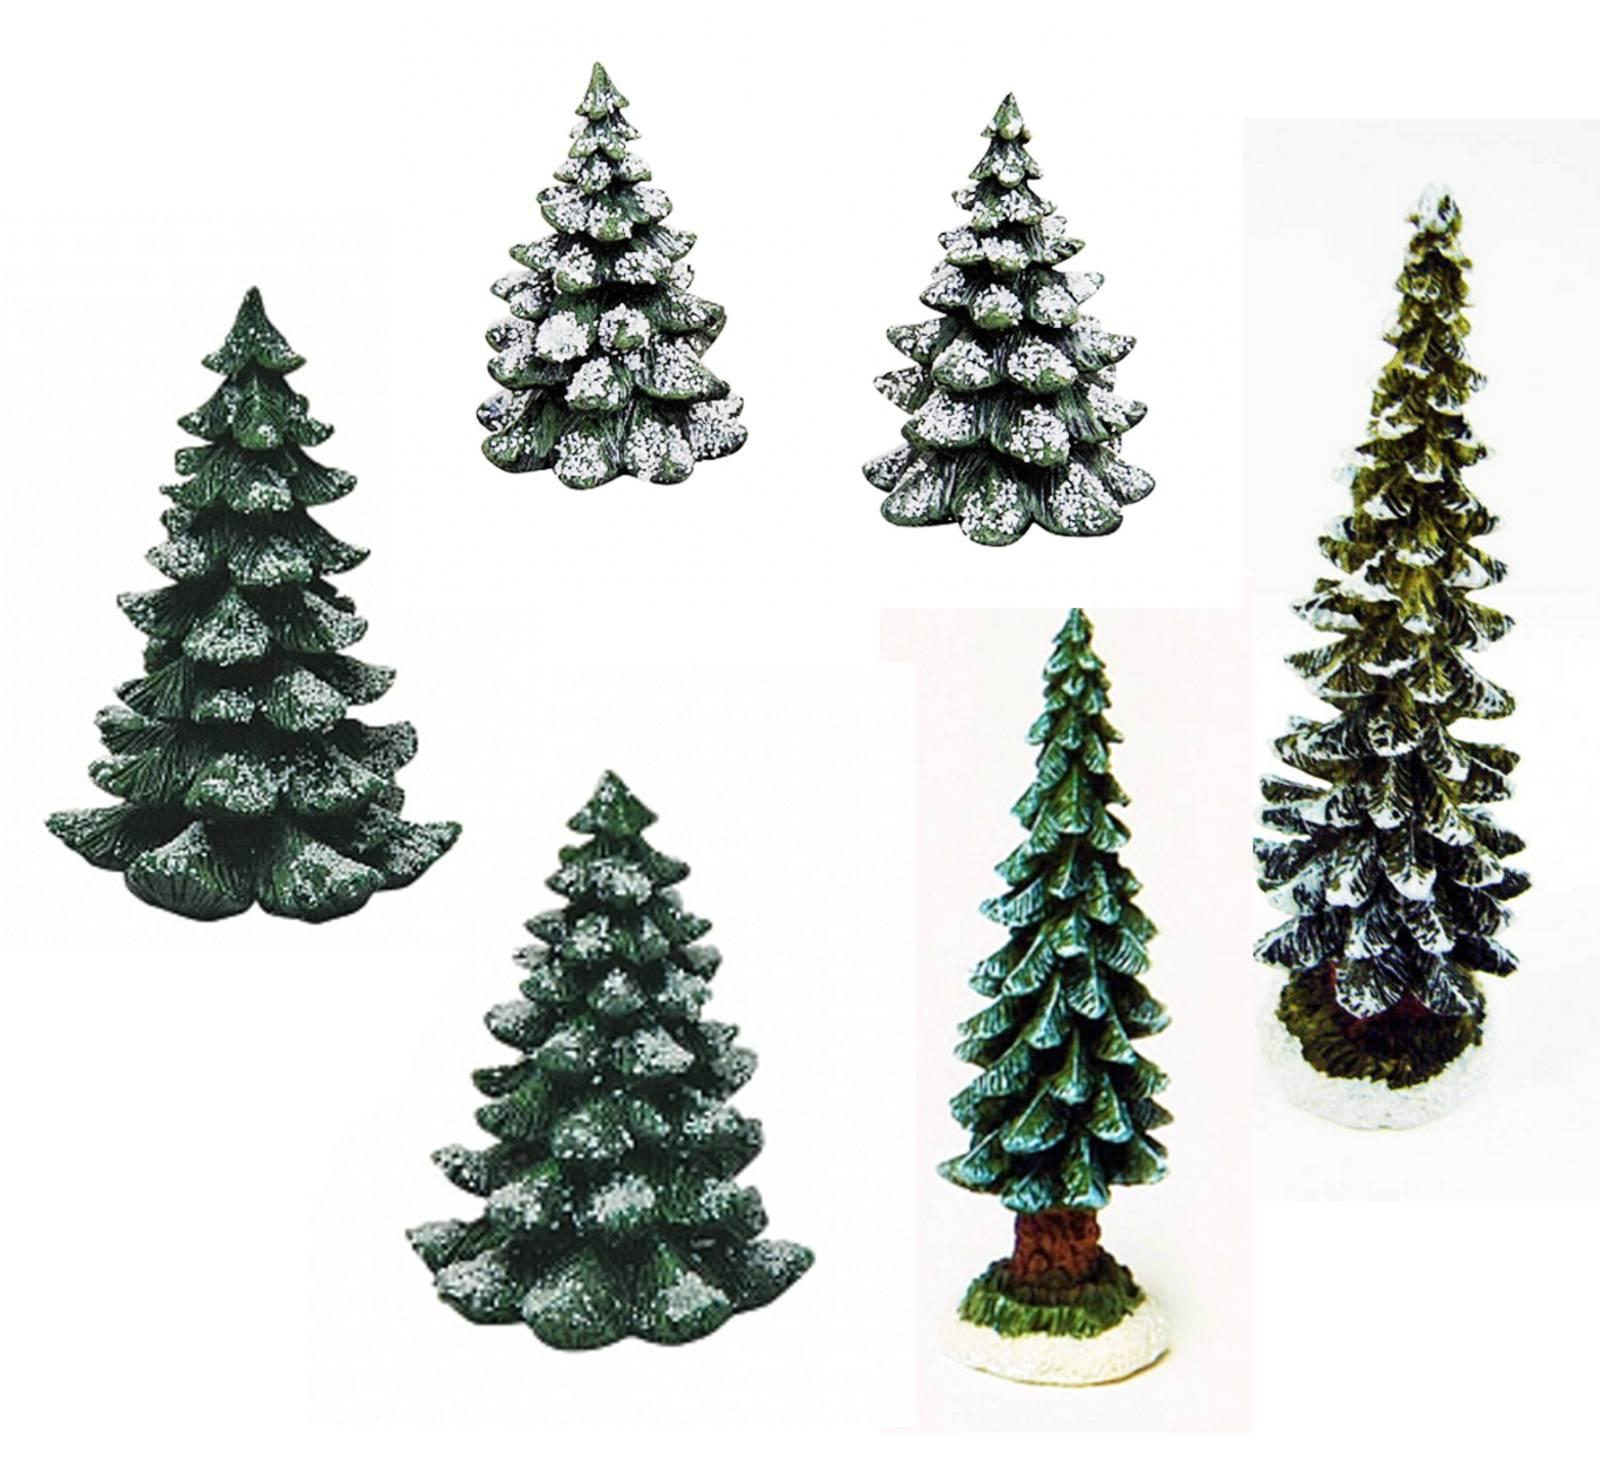 lichthaus wurm zubeh r tanne weihnachtsbaum tannen breit. Black Bedroom Furniture Sets. Home Design Ideas